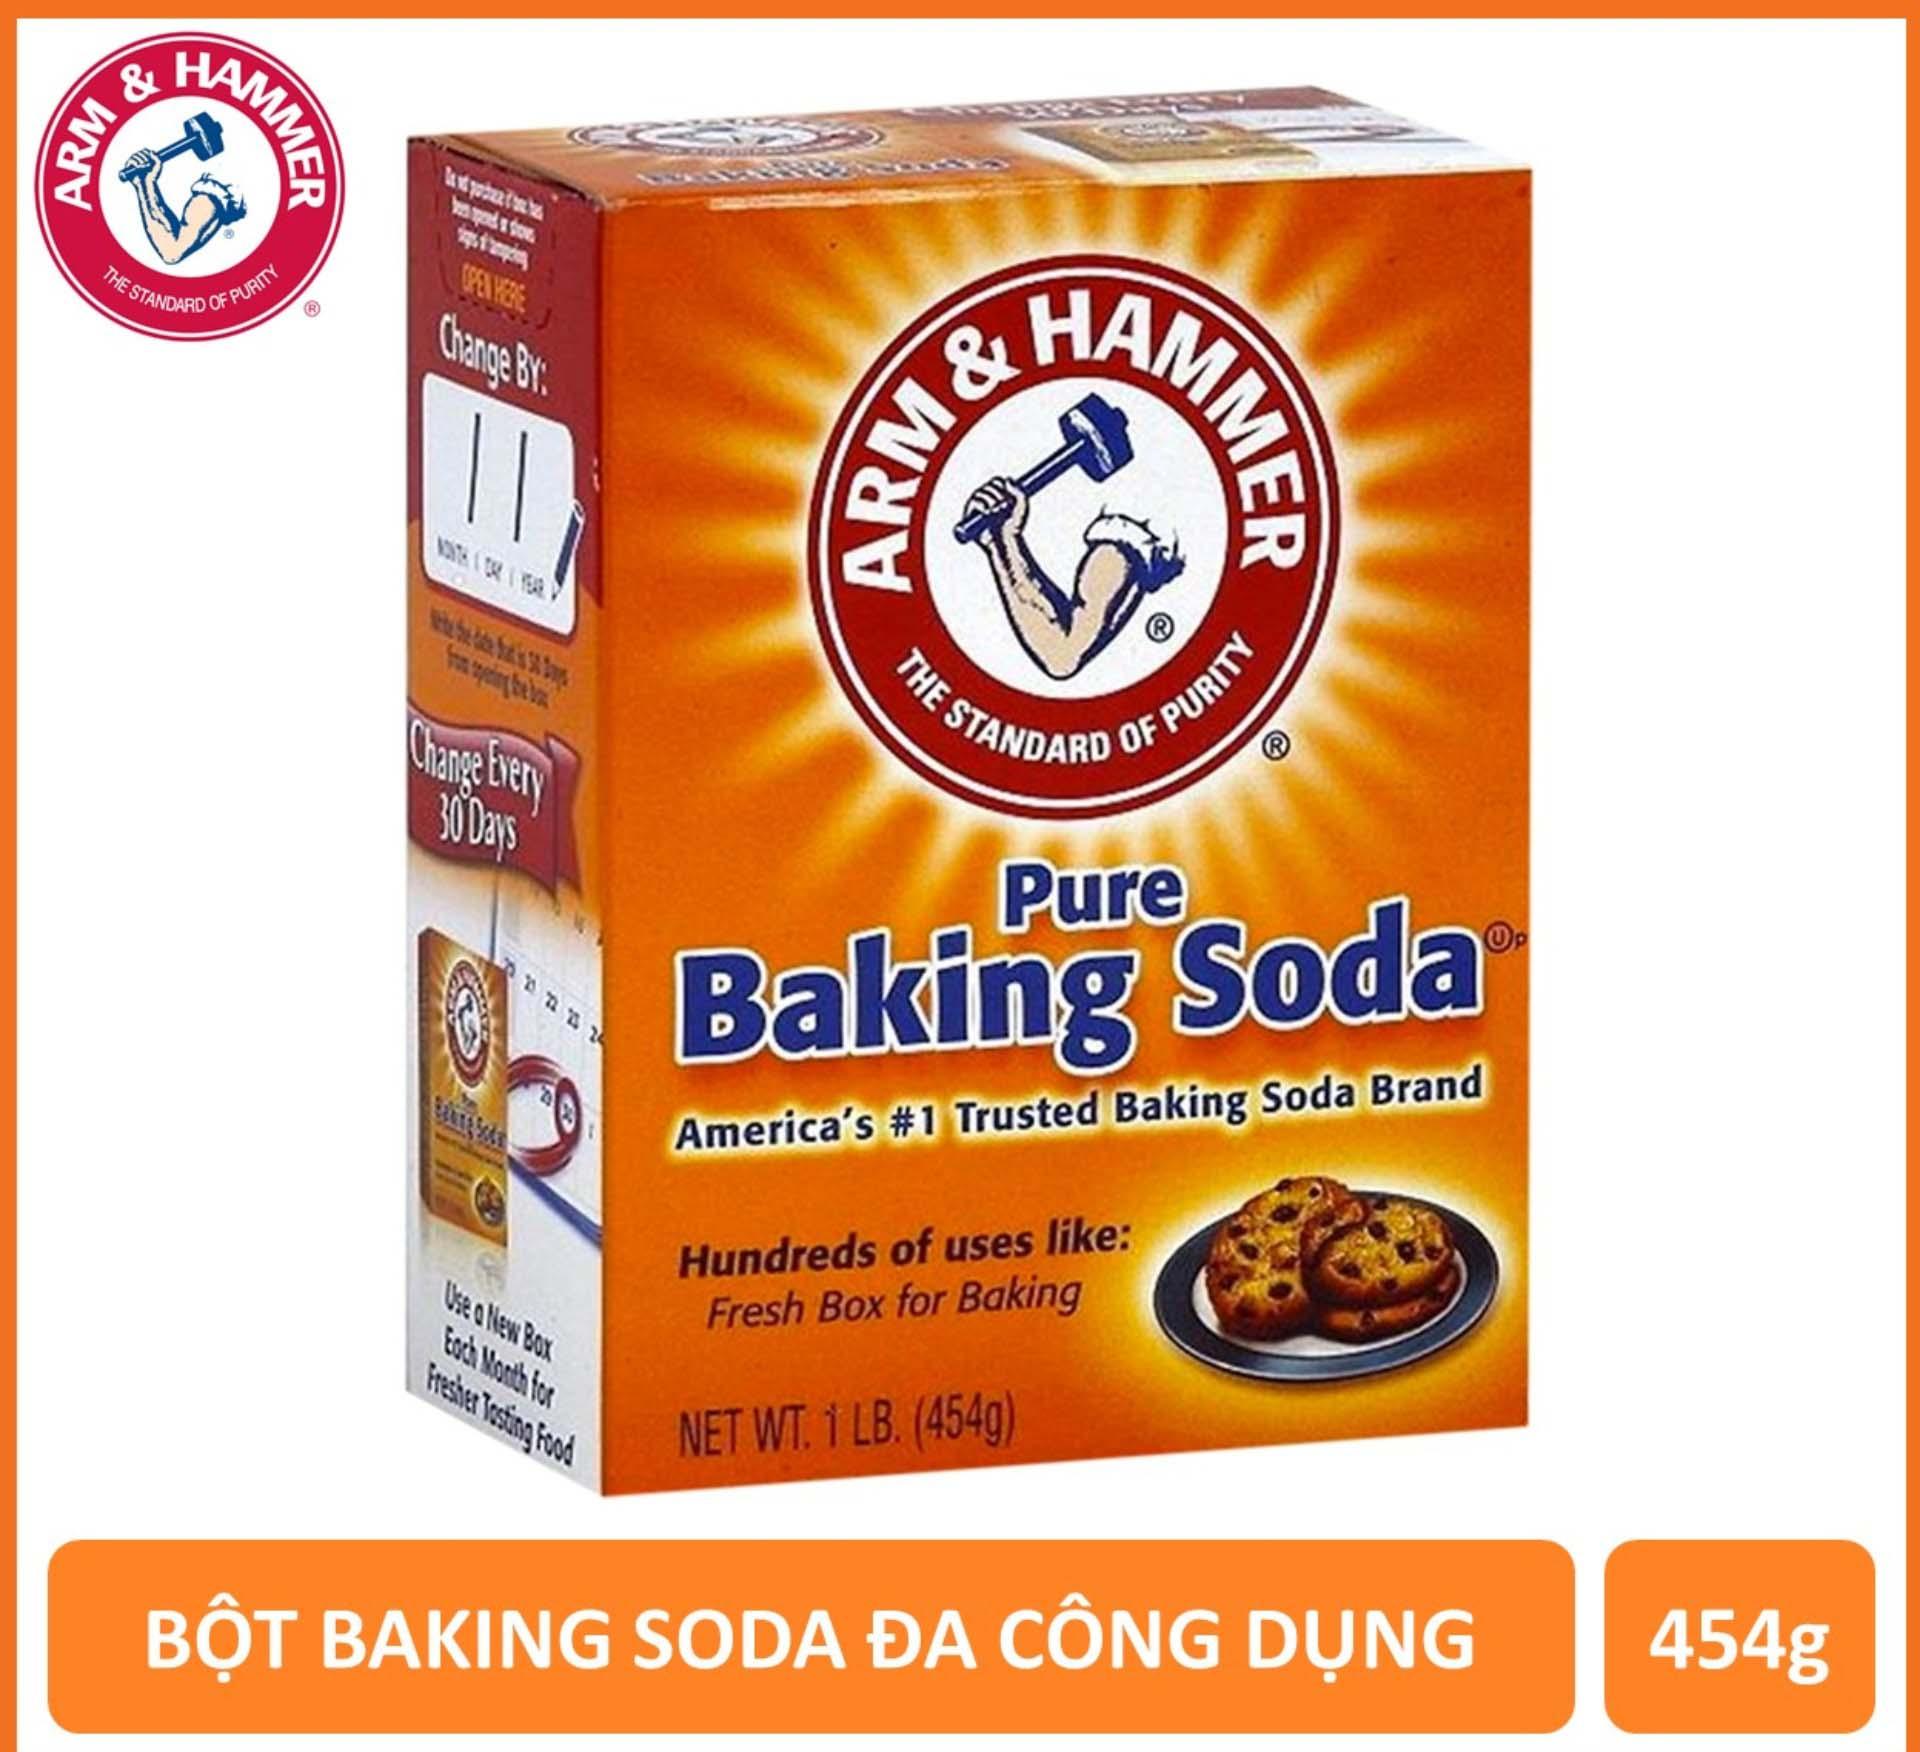 [HCM]Bột baking soda đa công dụng sử dụng làm bánh làm đẹp làm sạch khử mùi bảo vệ sức khỏe trọng lượng 454g - Xuất xứ Mỹ